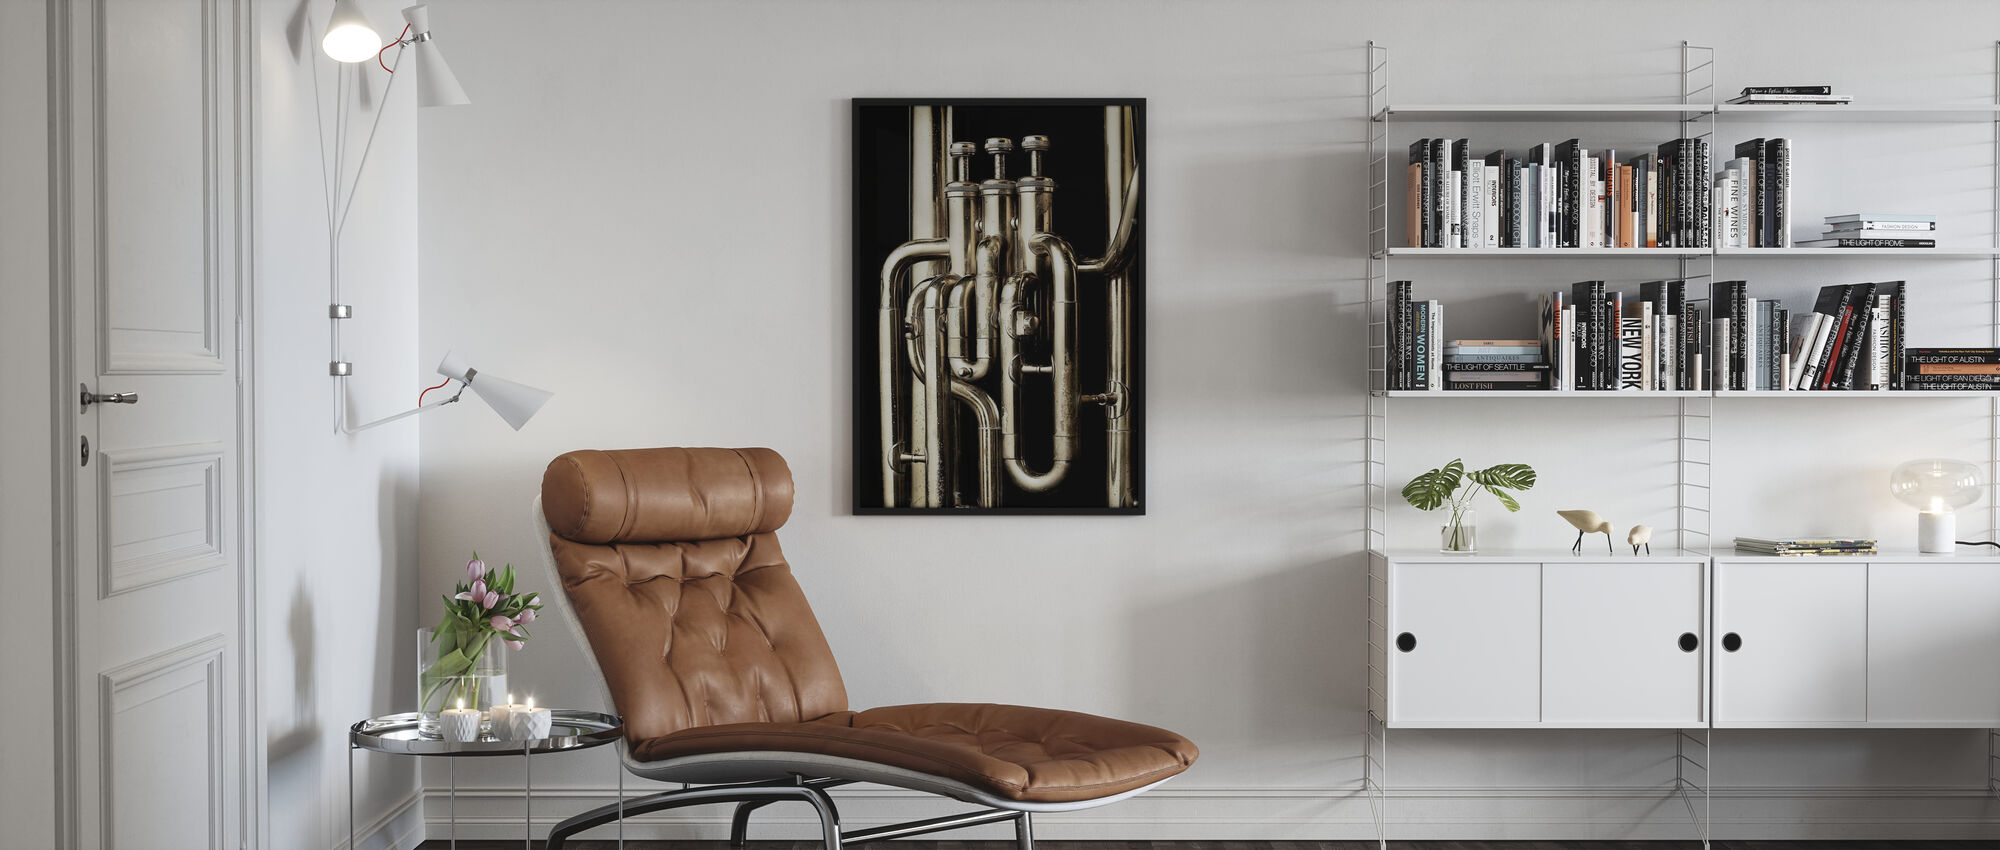 Messing Hoorn - Tuba - Ingelijste print - Woonkamer